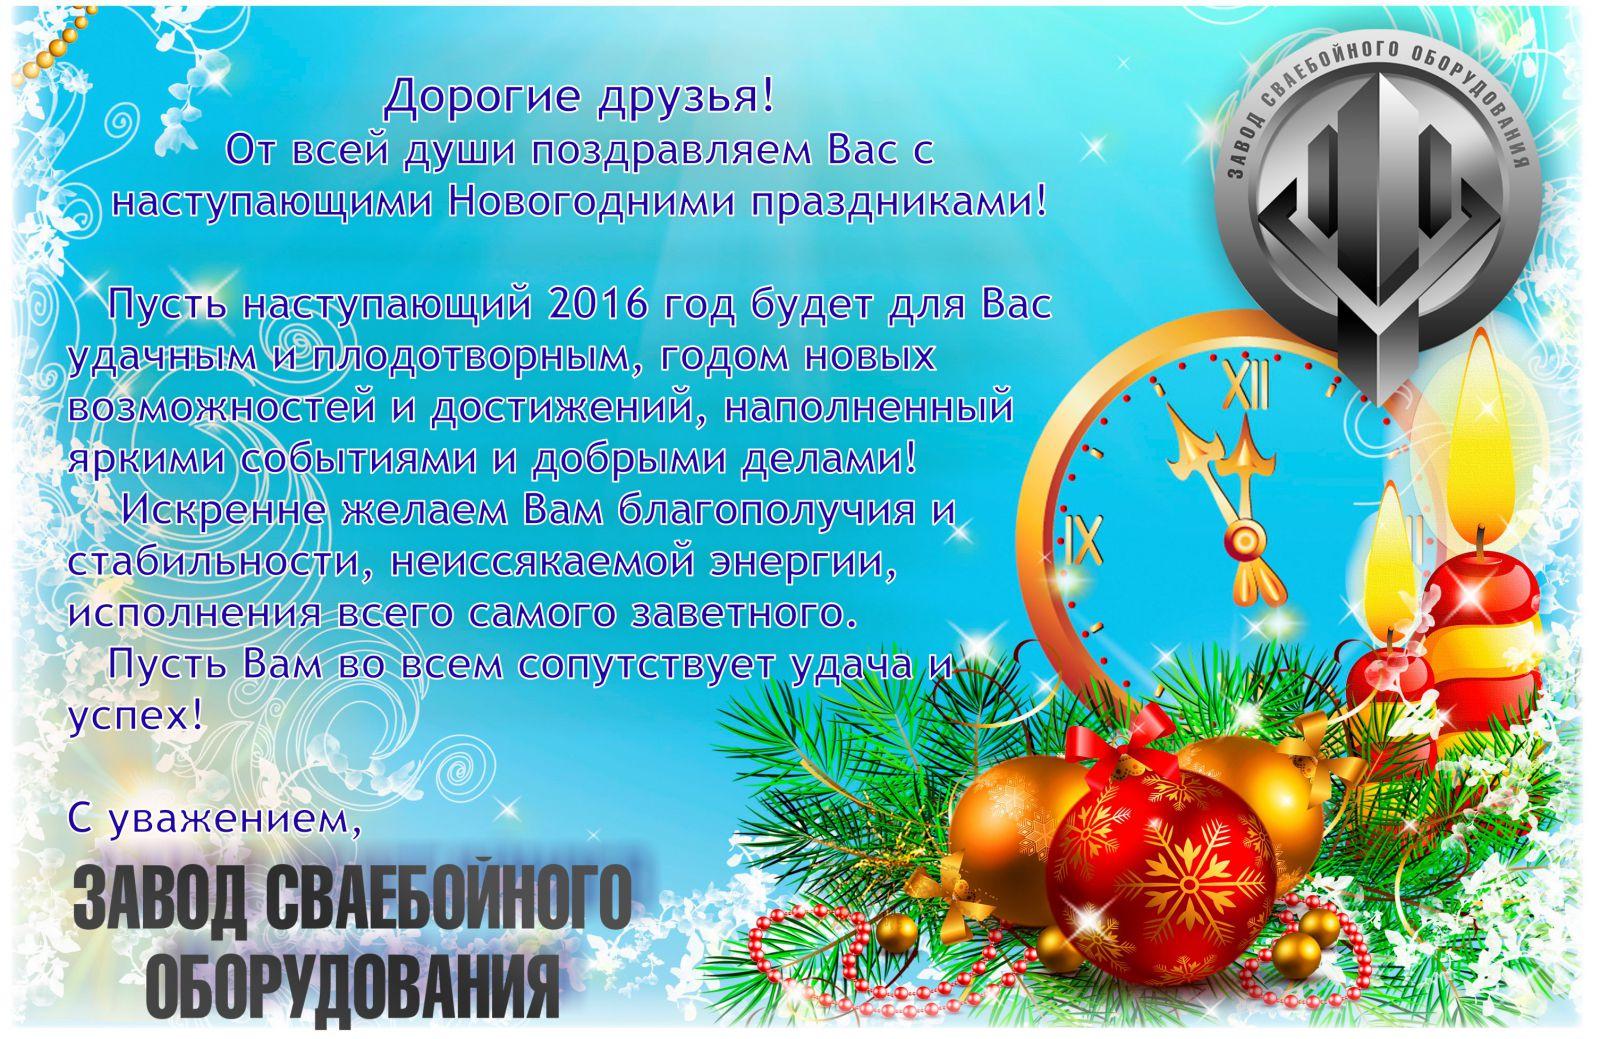 Новый год 2016: открытки с Обезьянками - t 3